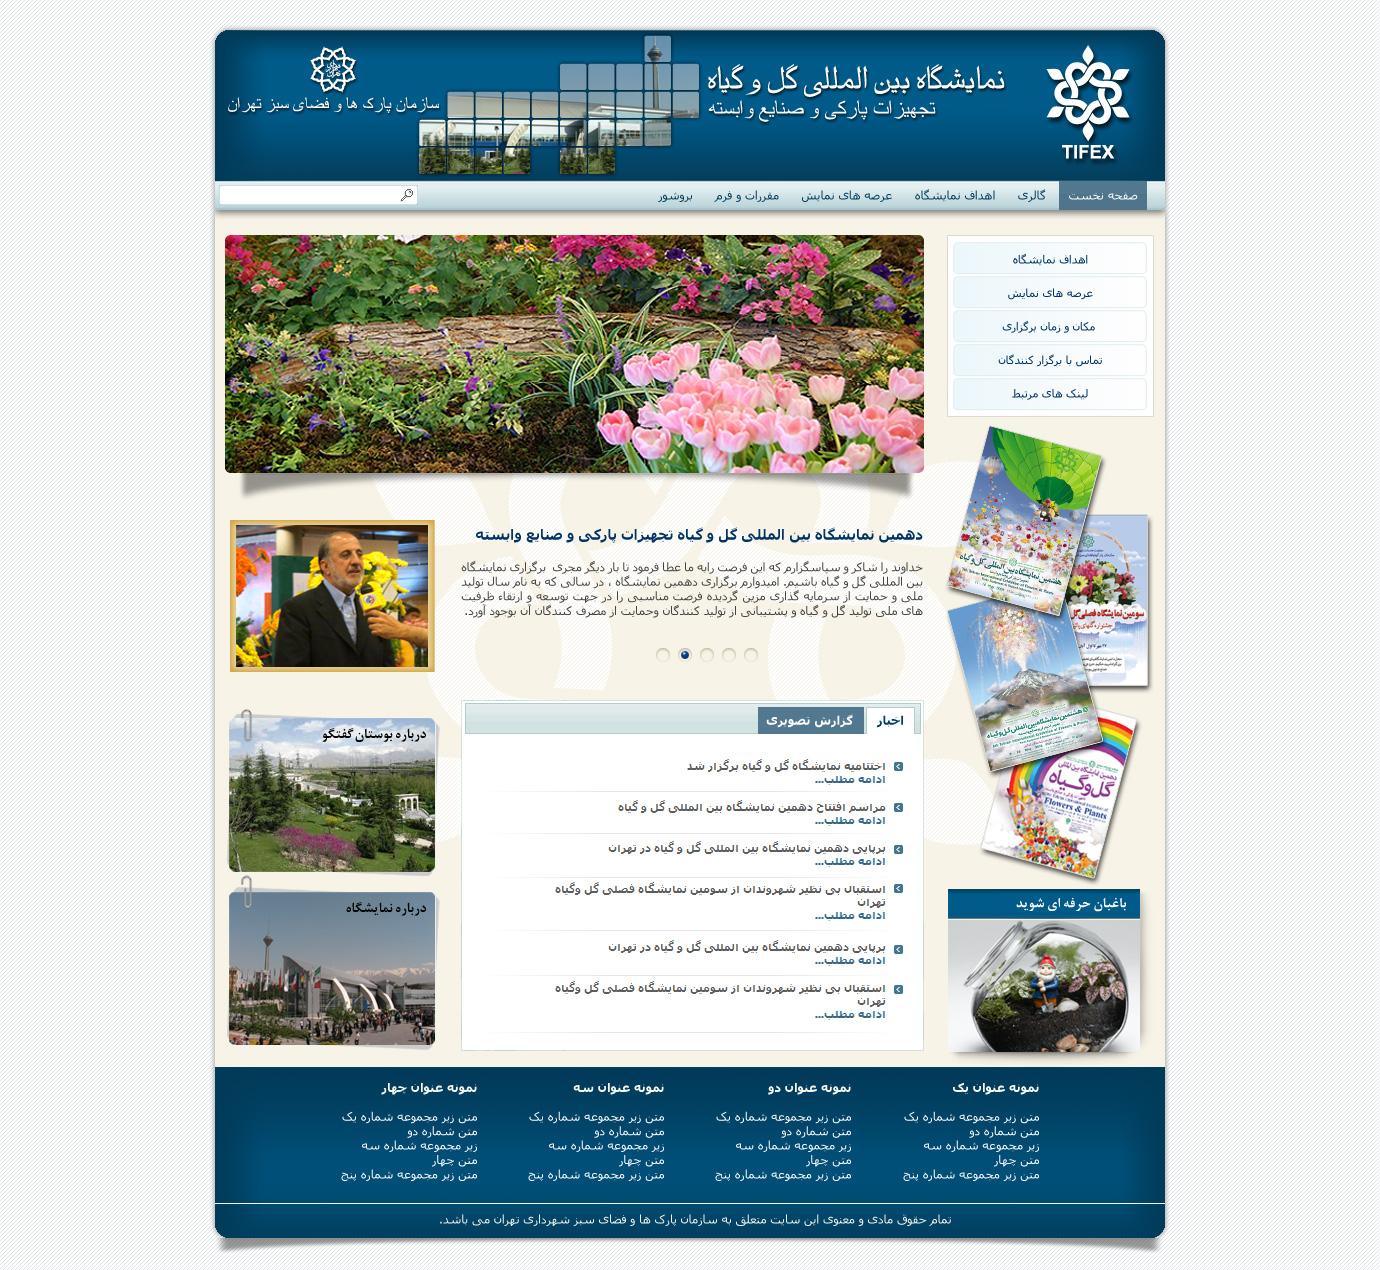 تصویری از صفحه نخست وبسایت نمایشگاه بینالمللی گل و گیاه، تجهیزات پارکی و صنایع وابسته